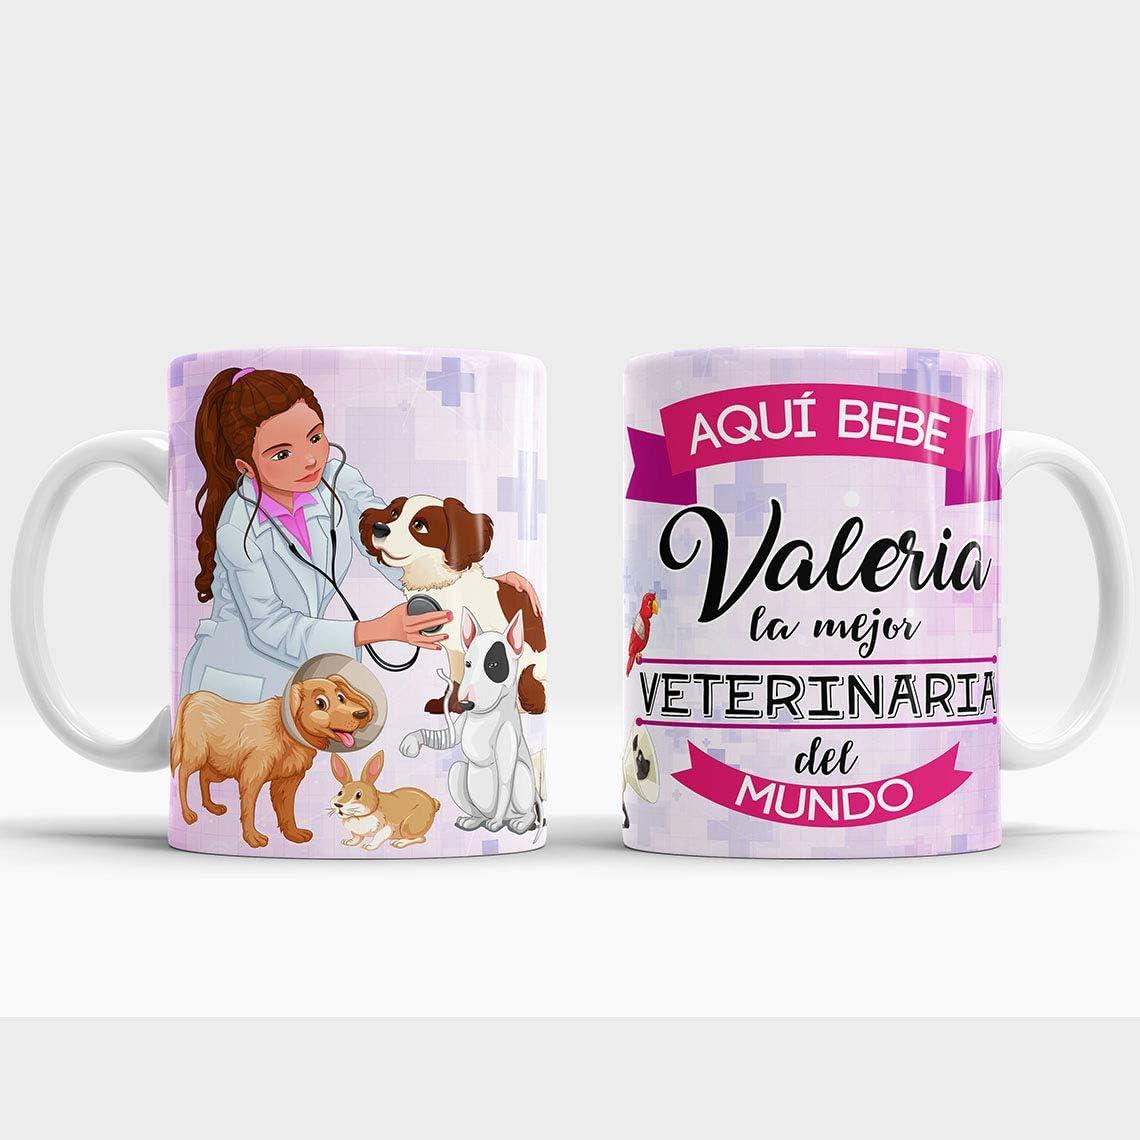 Taza Aquí Bebe la Mejor Veterinaria del Mundo/Taza aqui Bebe una Super Veterinaria/Taza Personalizada con Nombre/Taza Regalo Original para Veterinaria (Veterinaria)